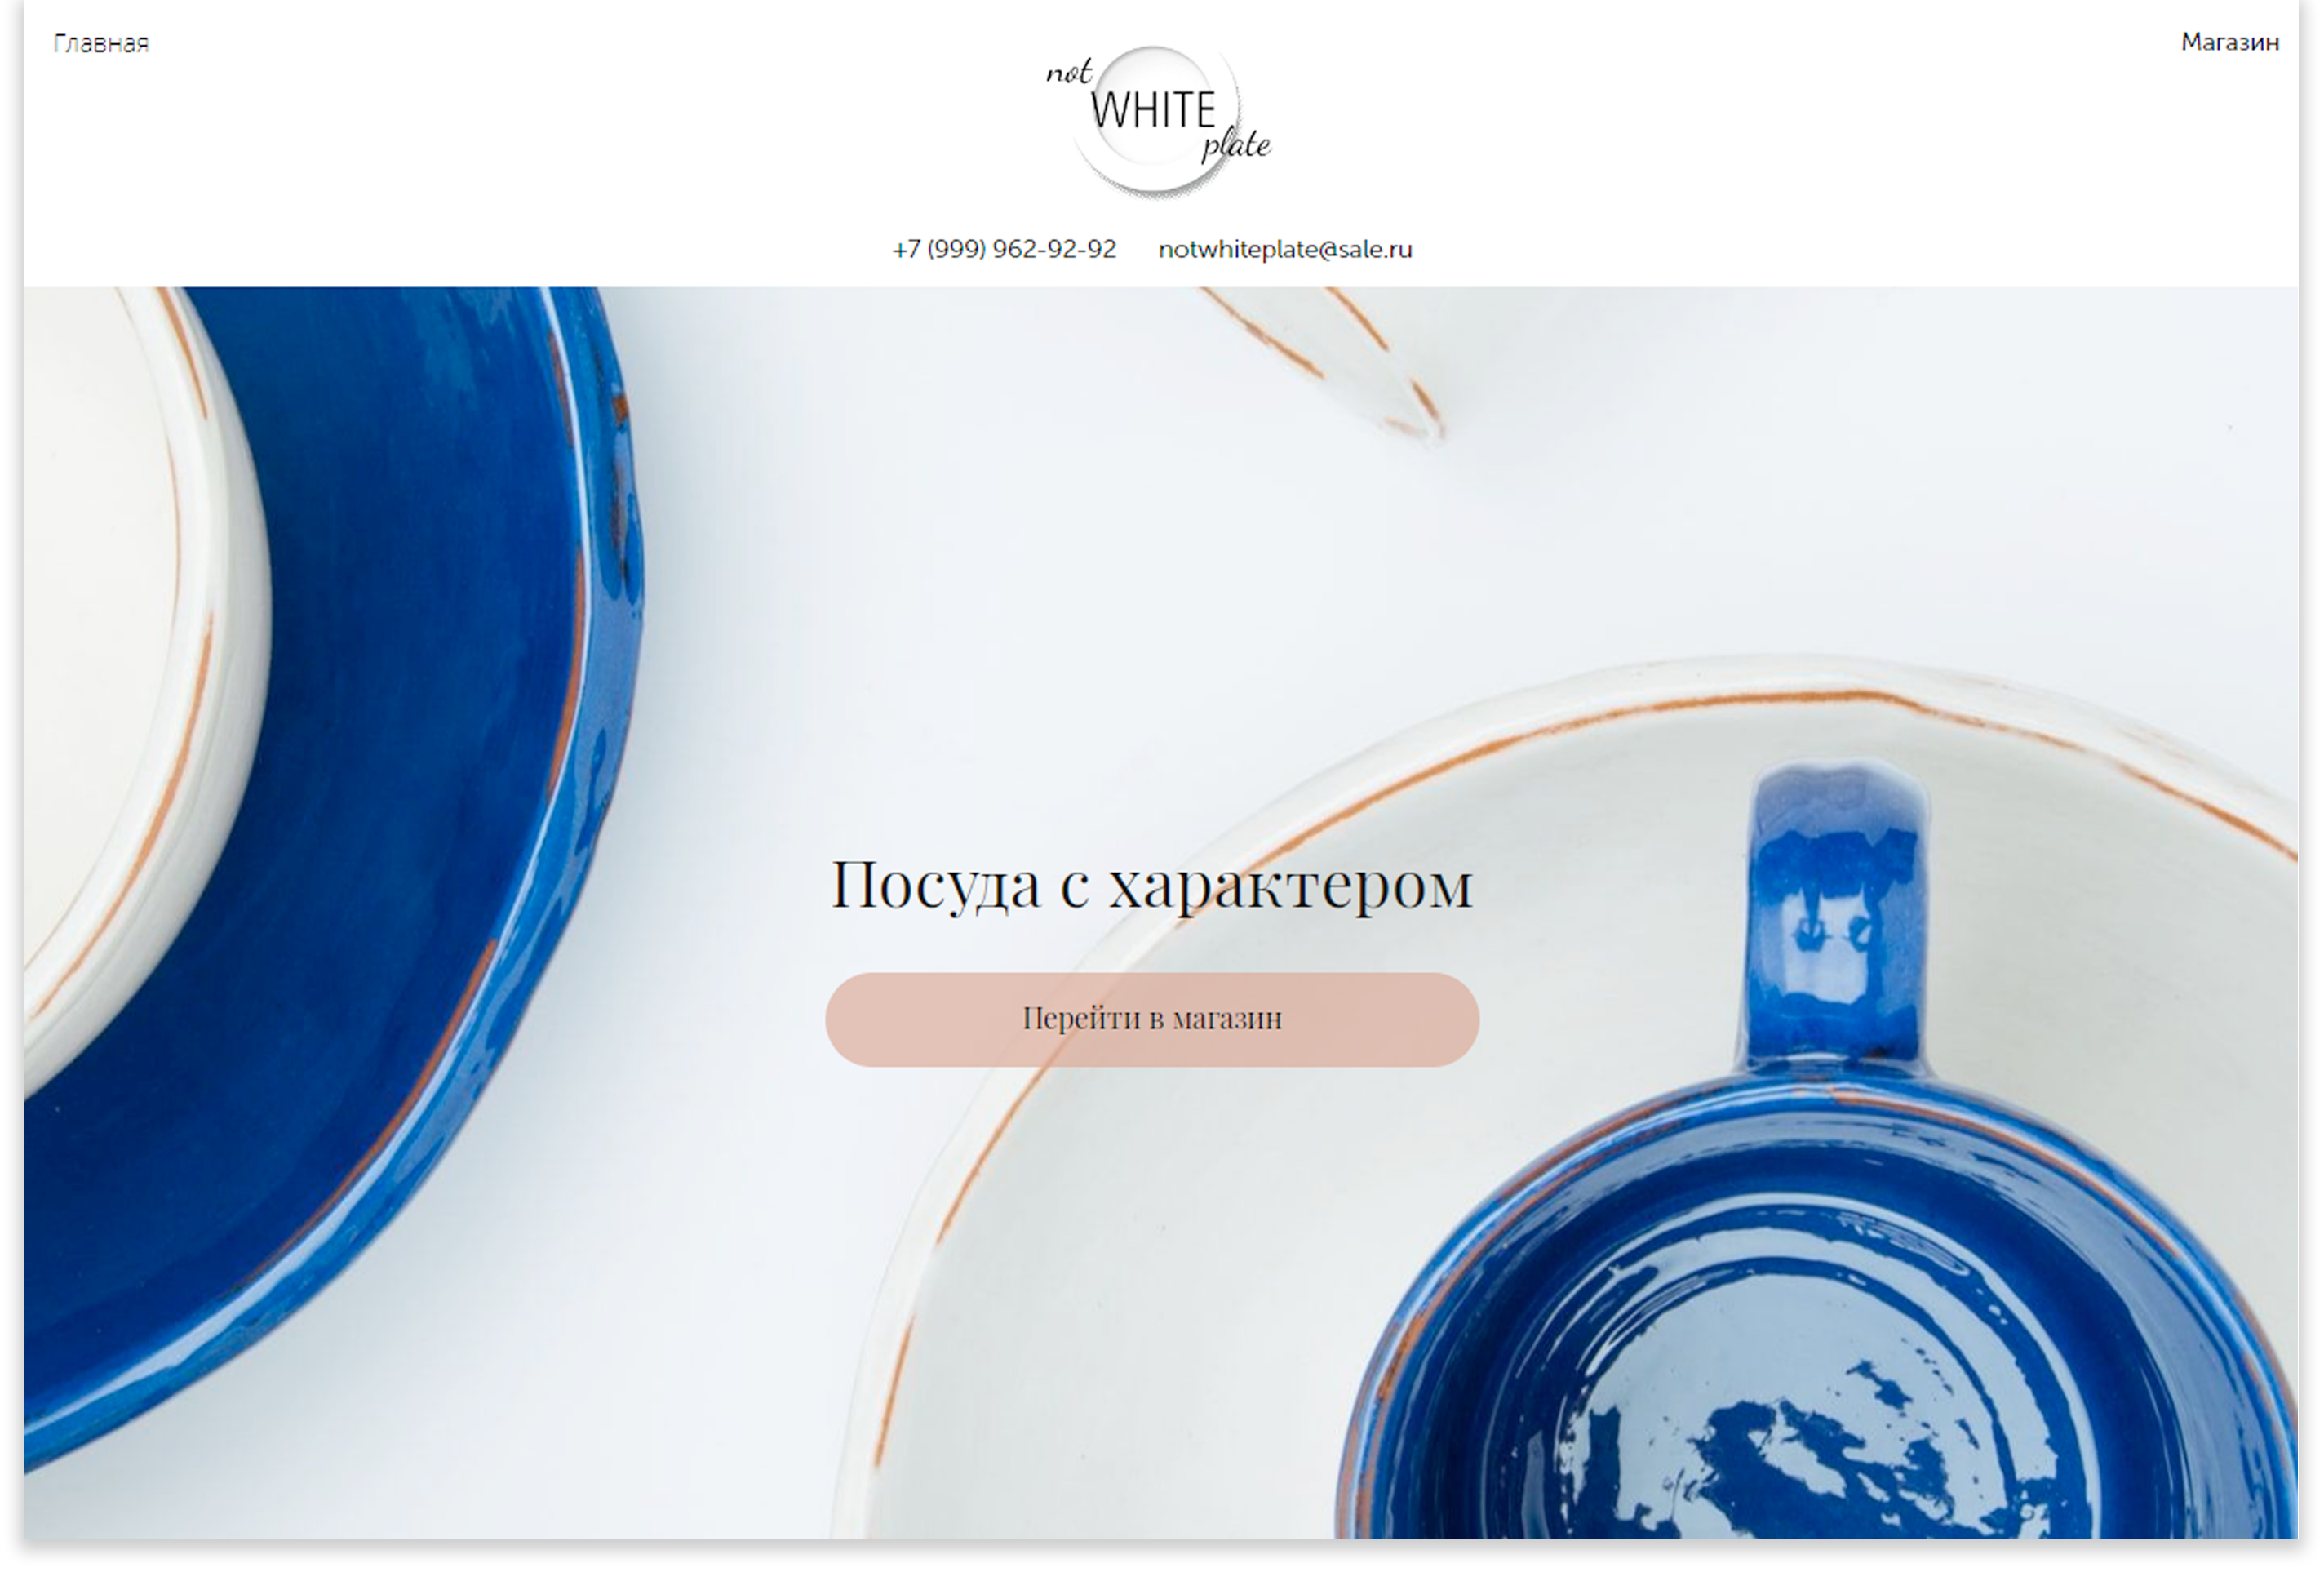 A Not White PlateИнтернет-магазин для продажи авторской посуды